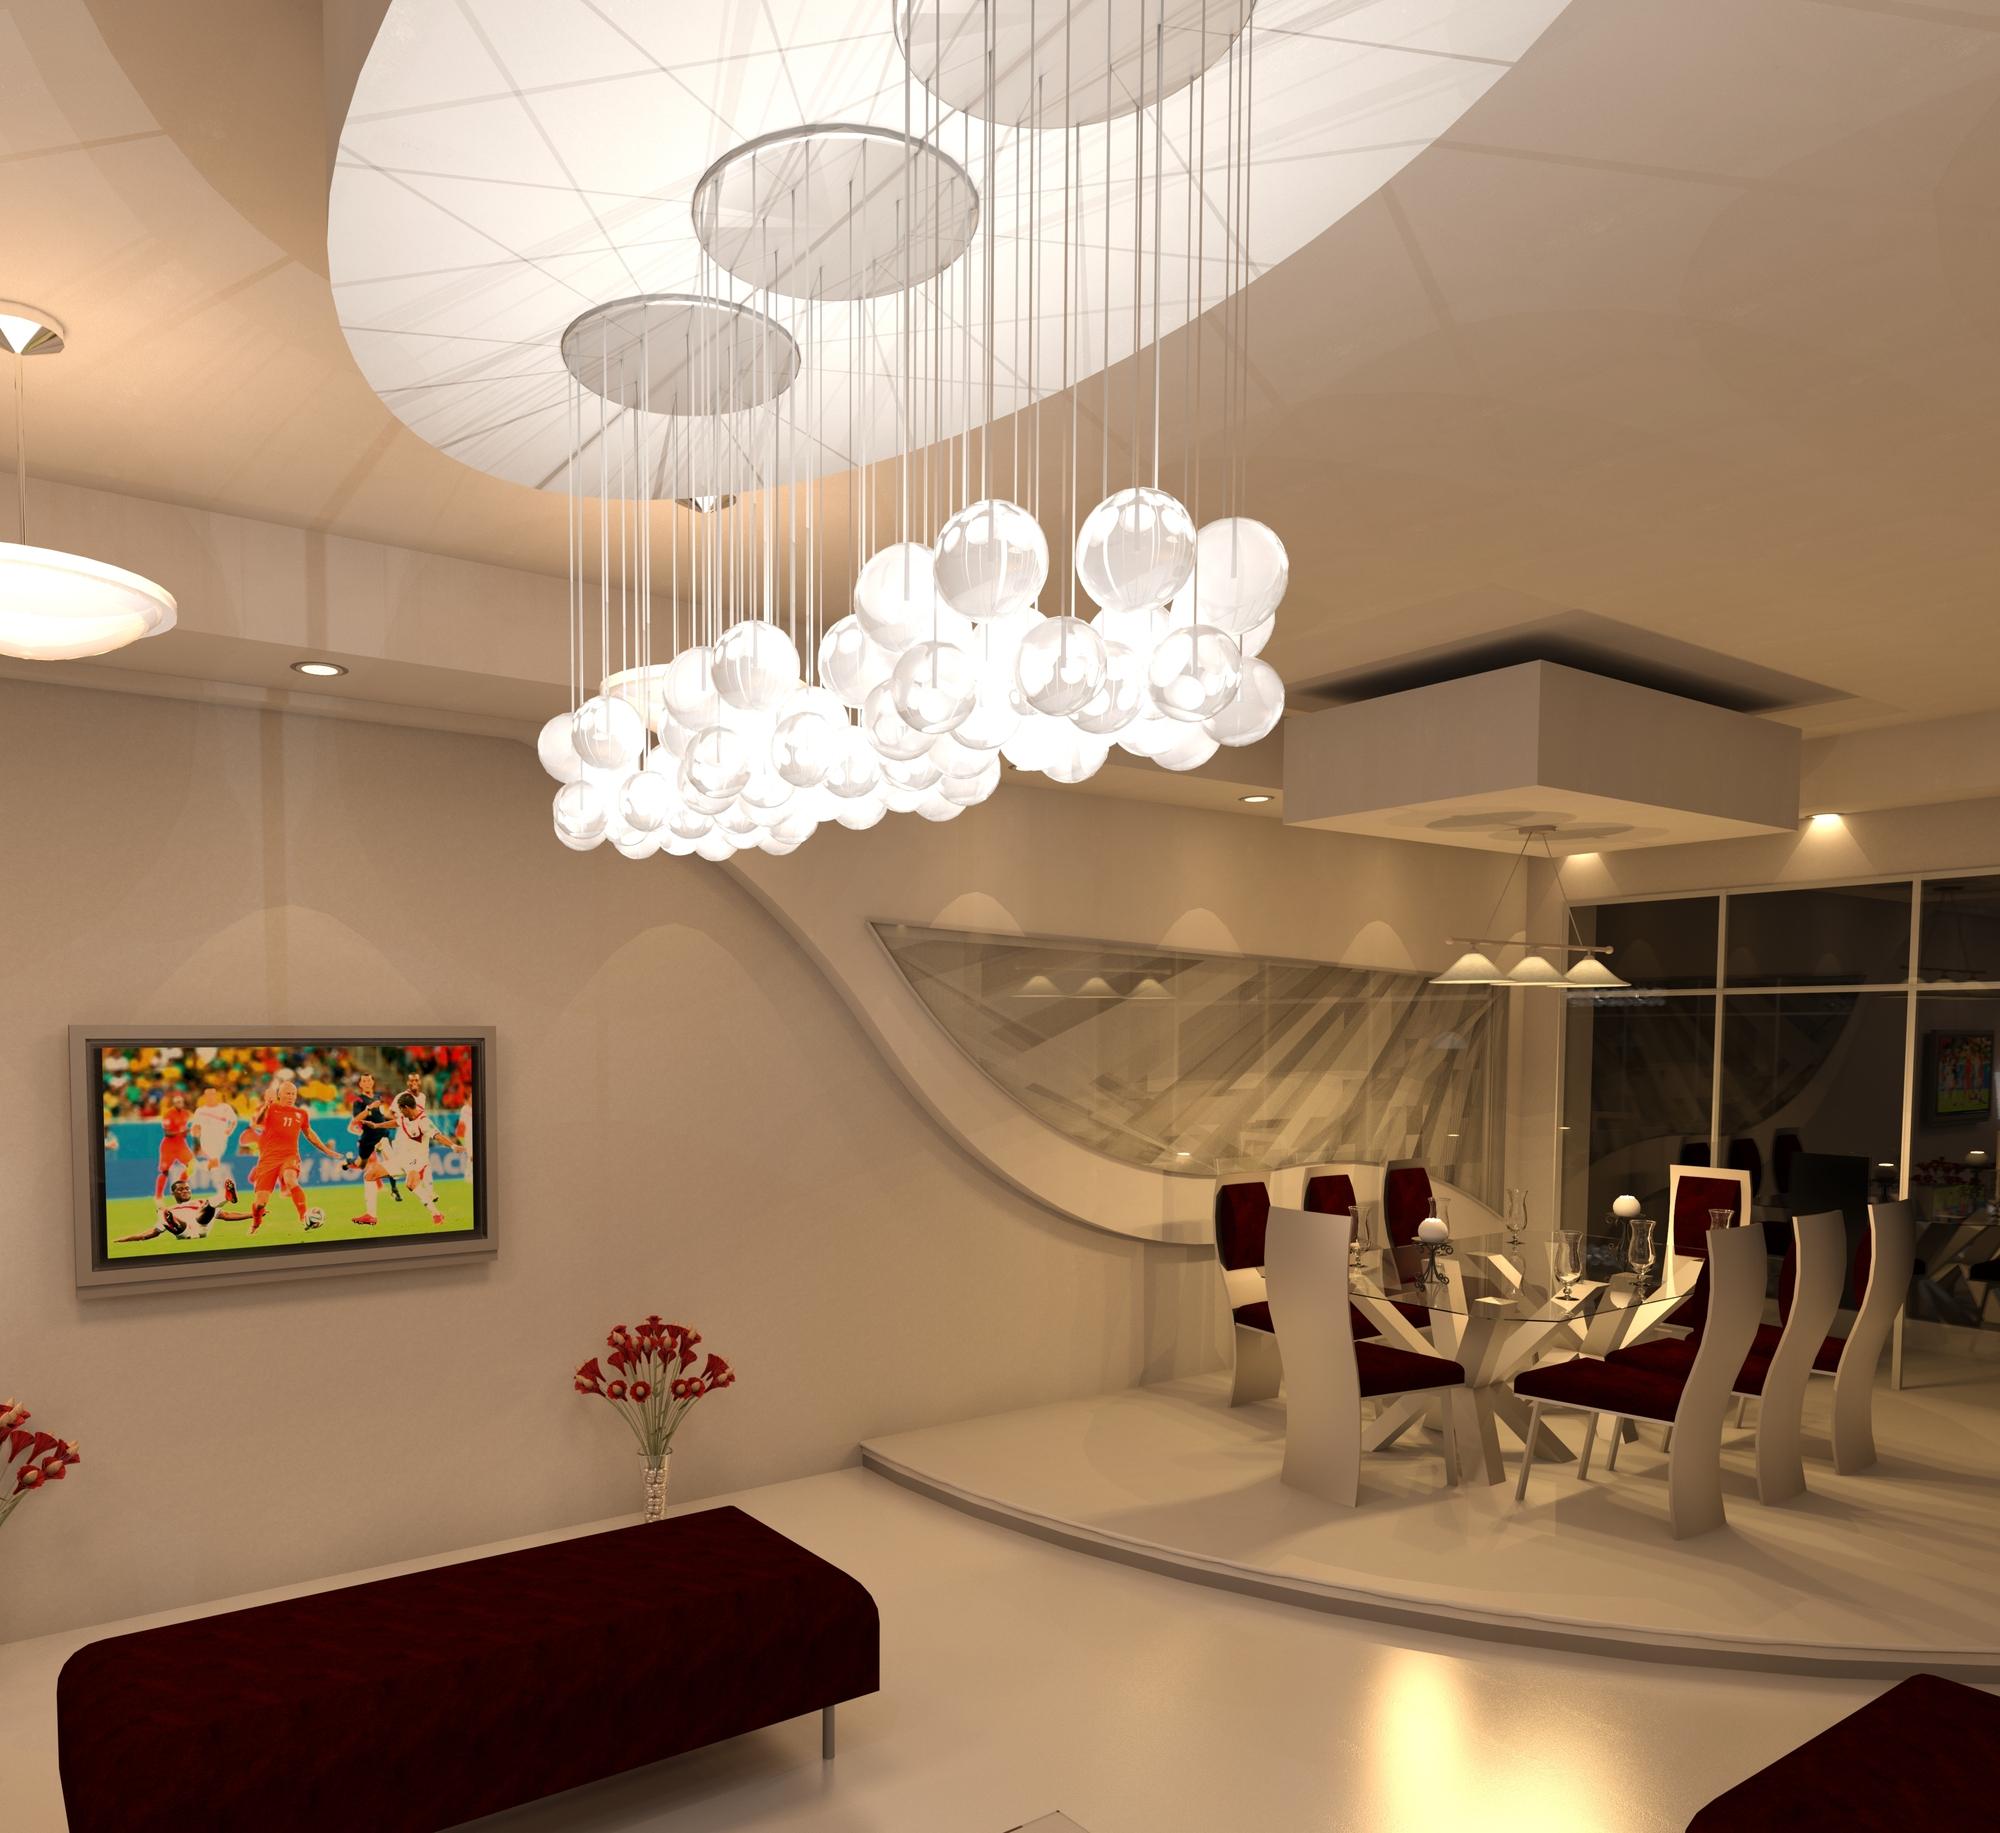 Raas-rendering20140917-15016-fke5lx